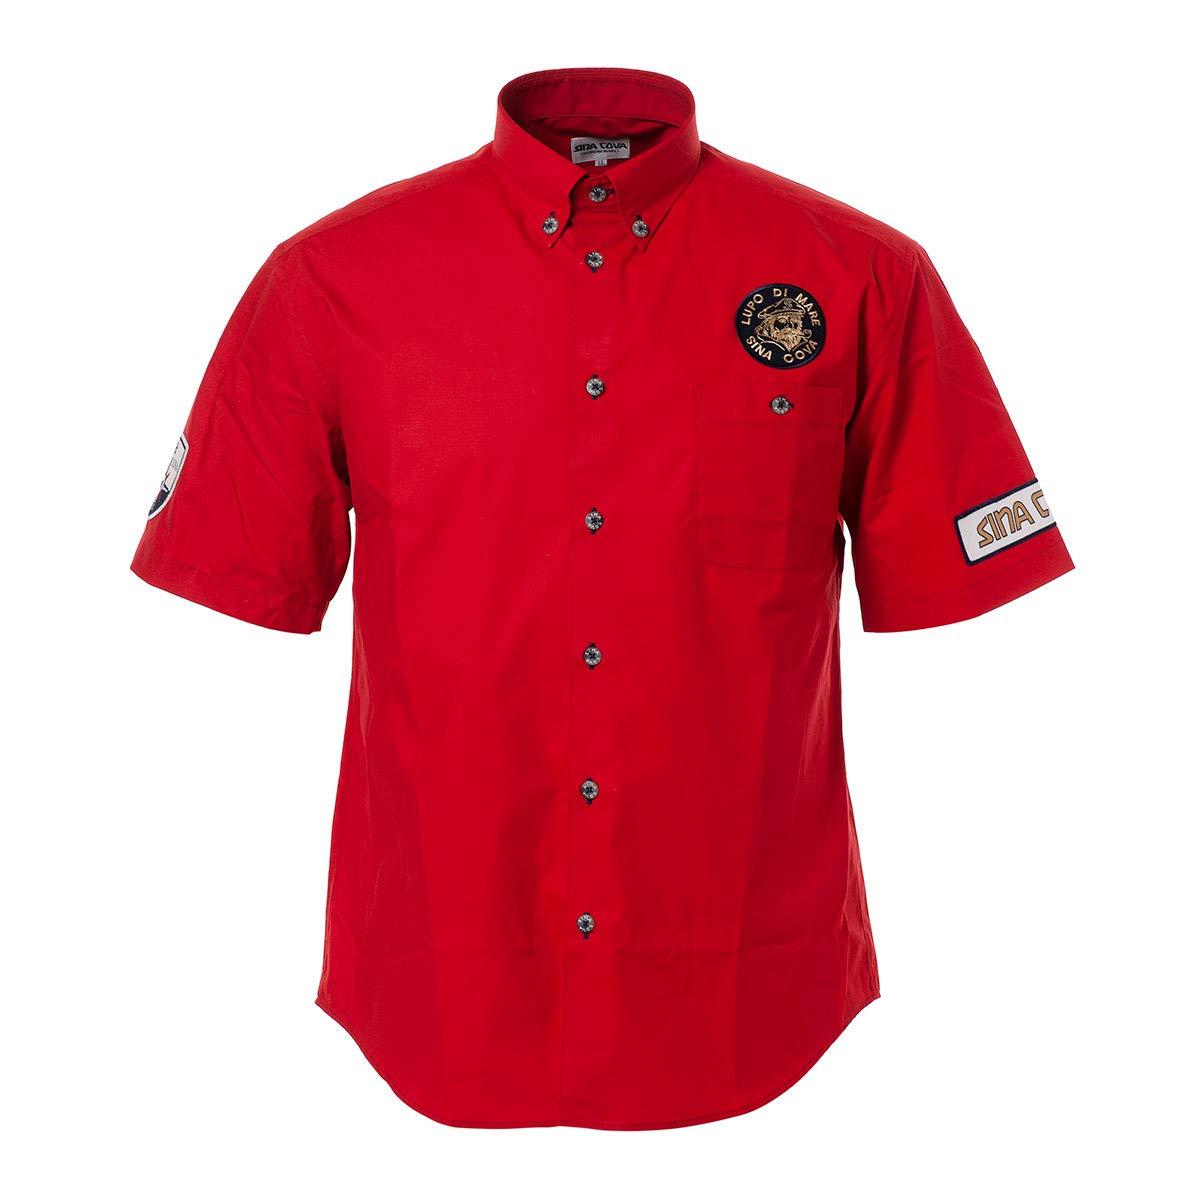 (シナコバ) SINA COVA 半袖ボタンダウンシャツ ボタンダウンシャツ 半袖シャツ カジュアルシャツ シャツ 綿 イカリ柄 メンズ マリンウェア ゴルフウェア 19124510 LL レッド B07QBYBGNG